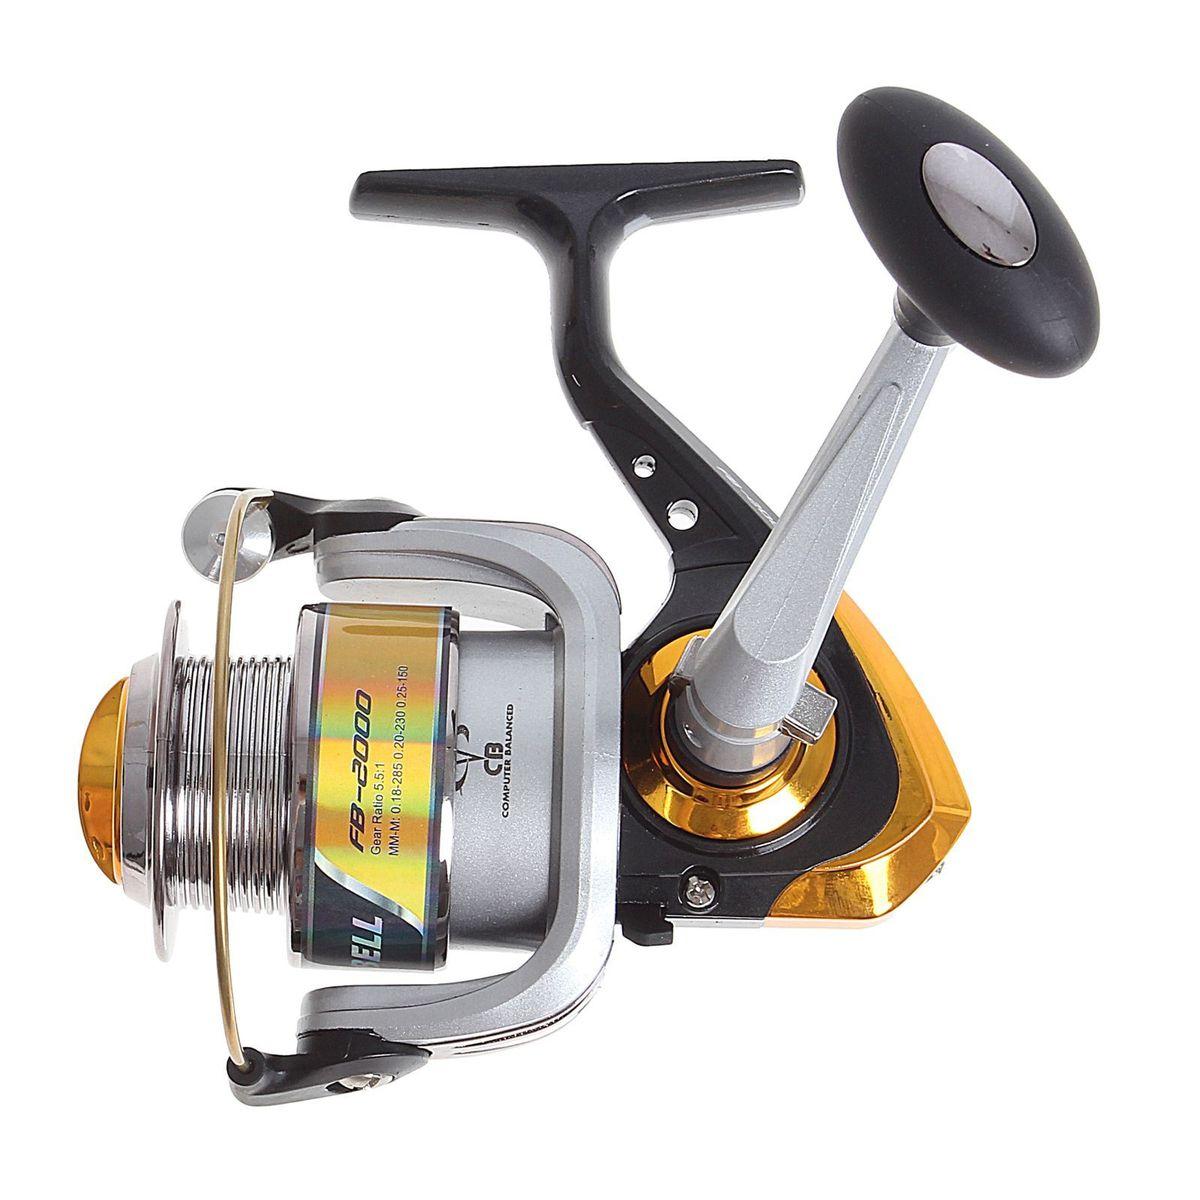 Катушка безынерционная Onlitop 1BB FB 2000, цвет: серый, черный, желтый, 1 подшипник1233159Облегченная безынерционная катушка Onlitop 1BB FB 2000, изготовленная из алюминия, снабжена пластиковой шпулей. Благодаря своему небольшому весу рекомендуется для использования на продолжительных рыбалках, при ловле в заброс и на поплавок. Катушка обеспечивает равномерную укладку любых видов лески, имеет систему оптимальной балансировки ротора. Имеется возможность переноса ручки под правую либо левую руку. Передаточное число: 5,5:1. Емкость шпули: 0,18/285 м, 0,20/230 м, 0,25/150 м.